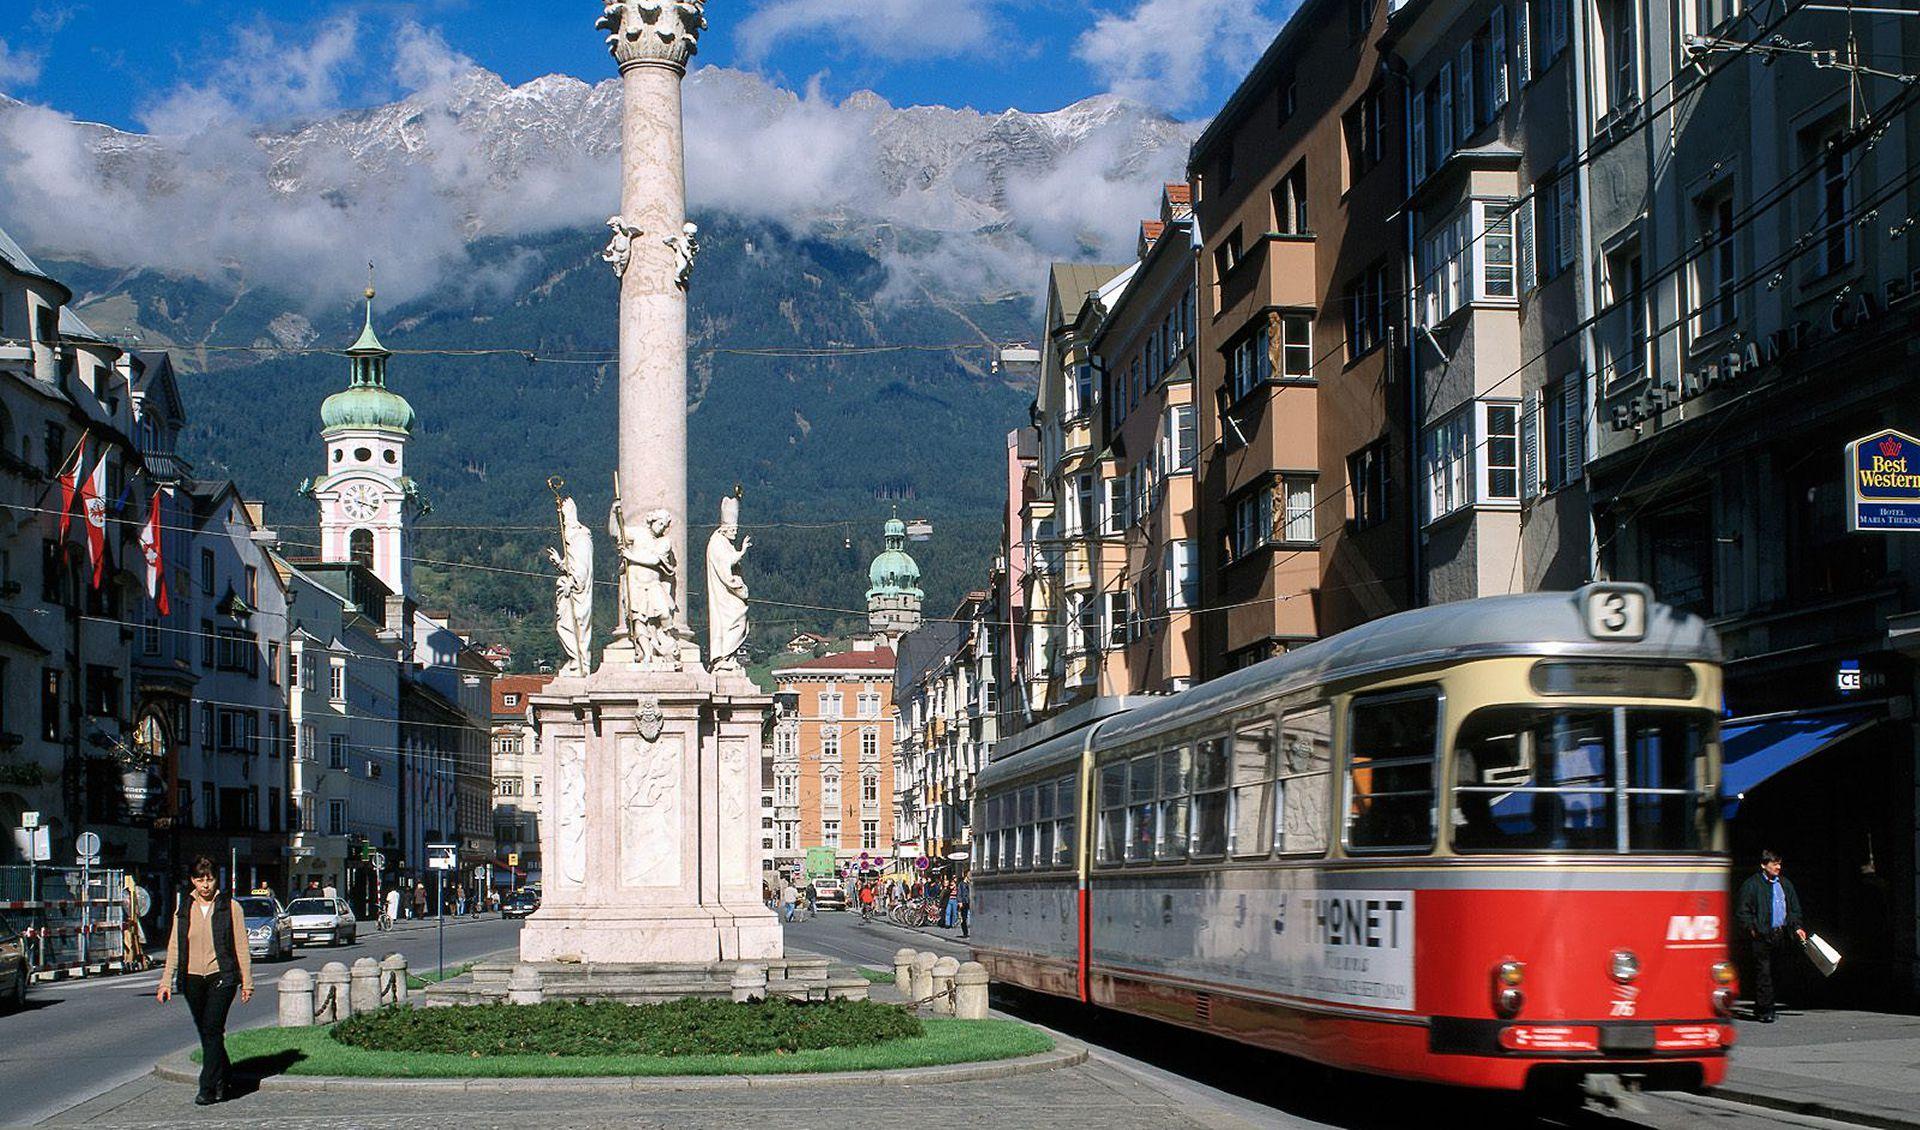 Историческая часть Инсбрука